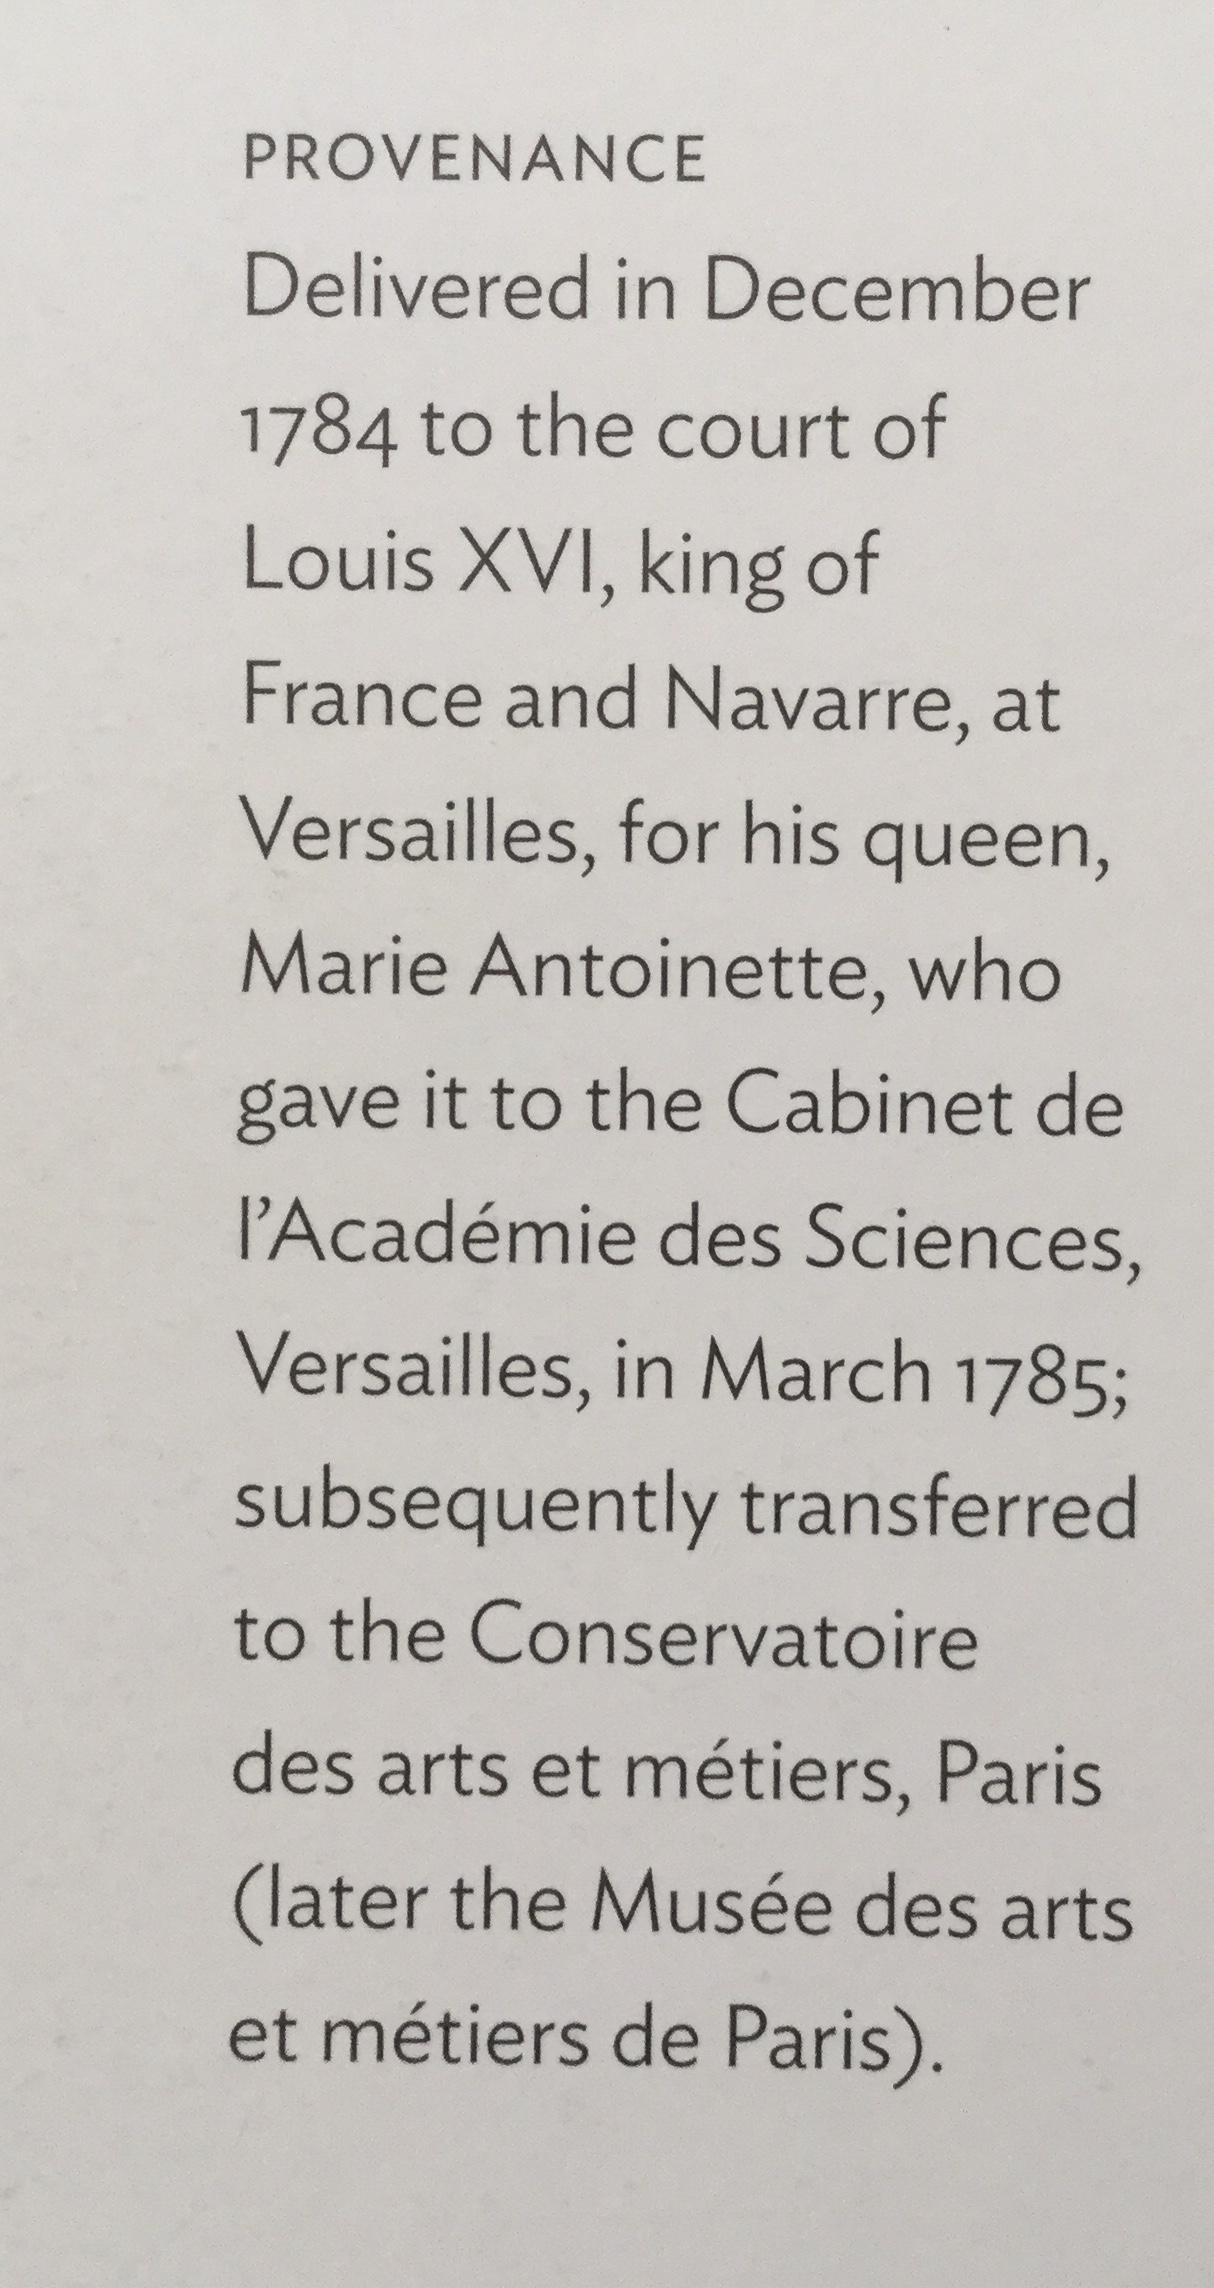 Вот ,что заказал король Франция для королевы у короля мебельщиков, правда